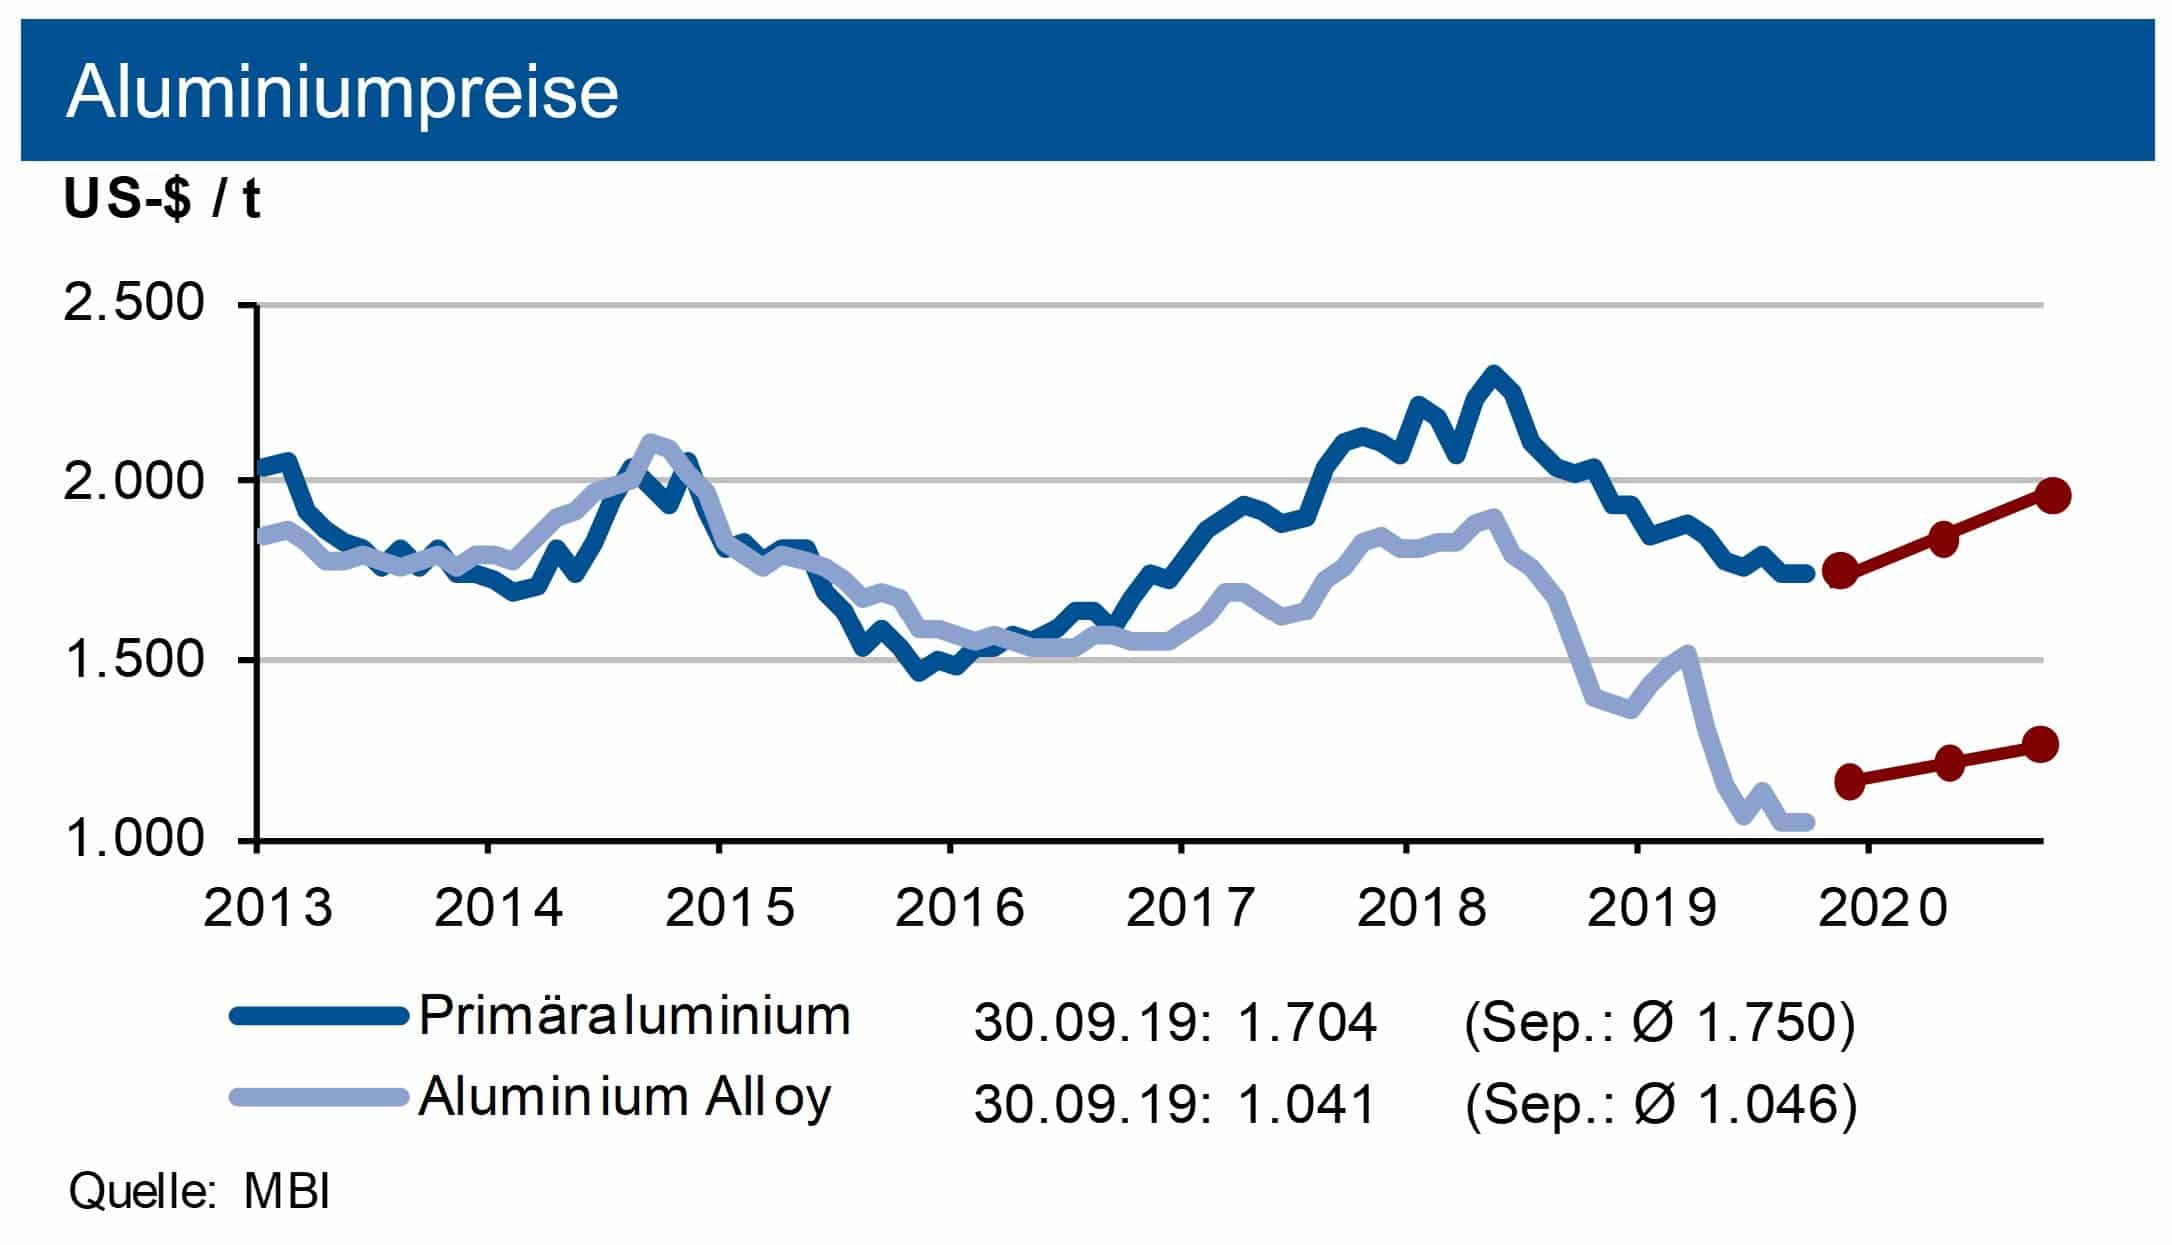 Aluminiumpreise